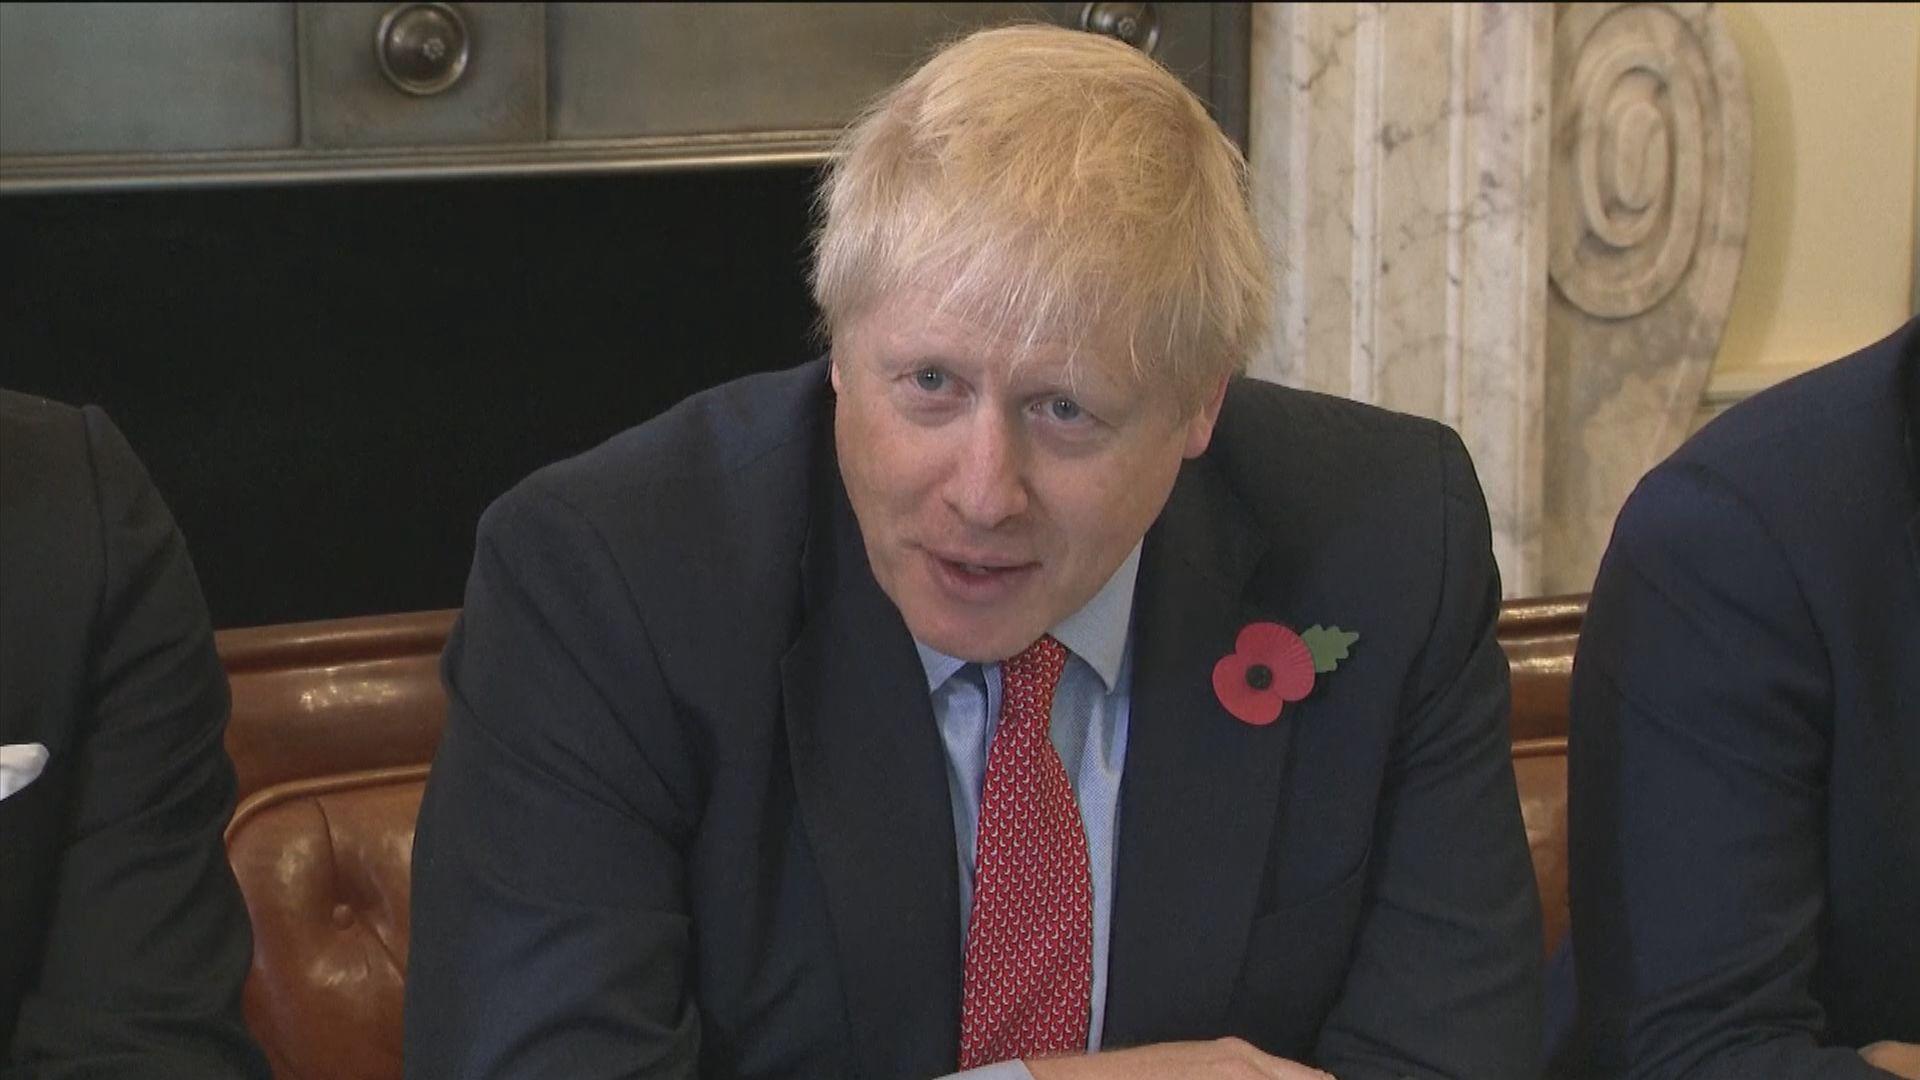 約翰遜:保守黨勝選英國將可如期脫歐